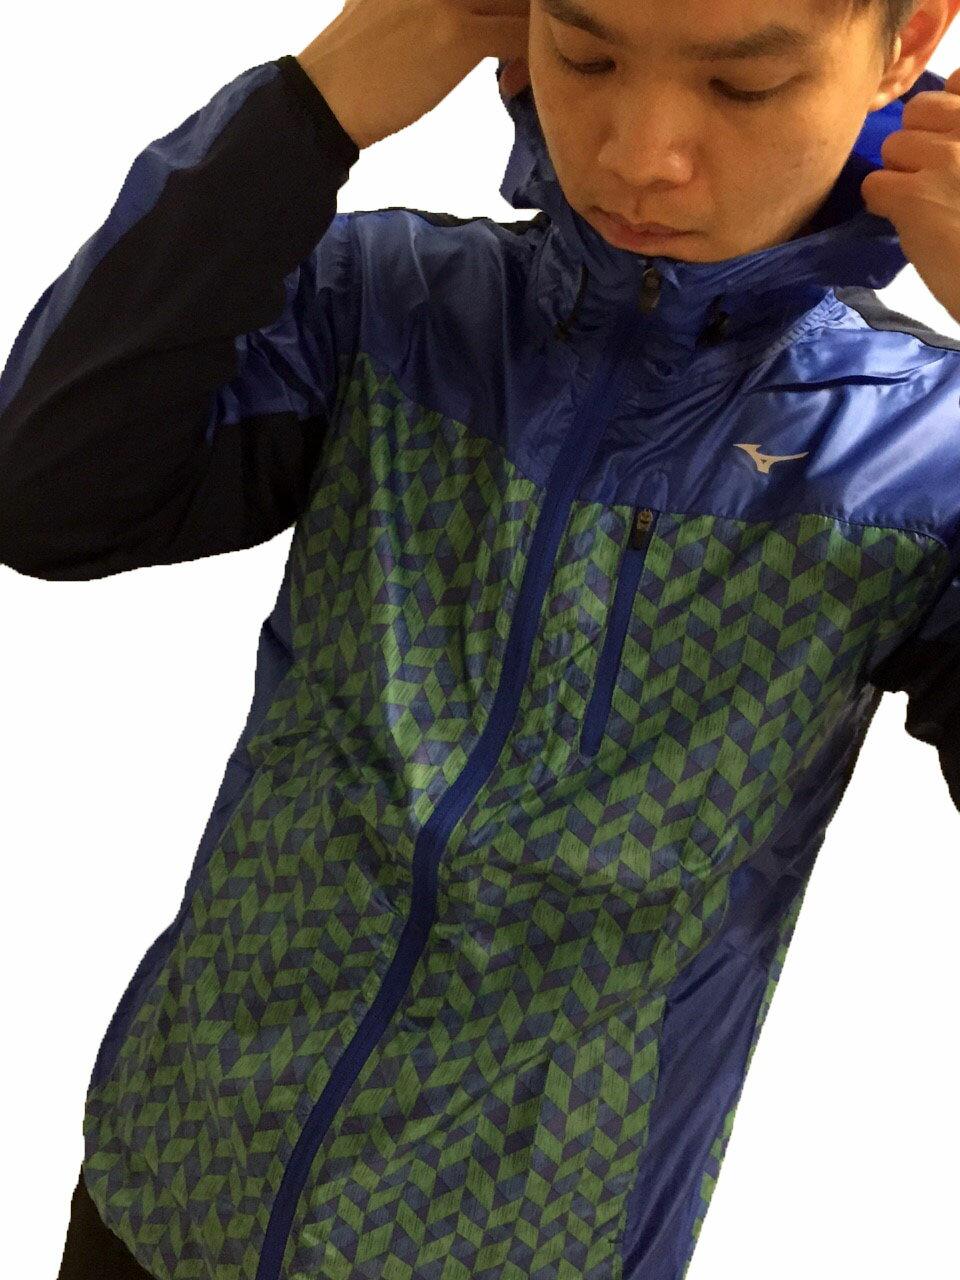 【登瑞體育】MIZUNO 路跑風衣 - J2TC558325